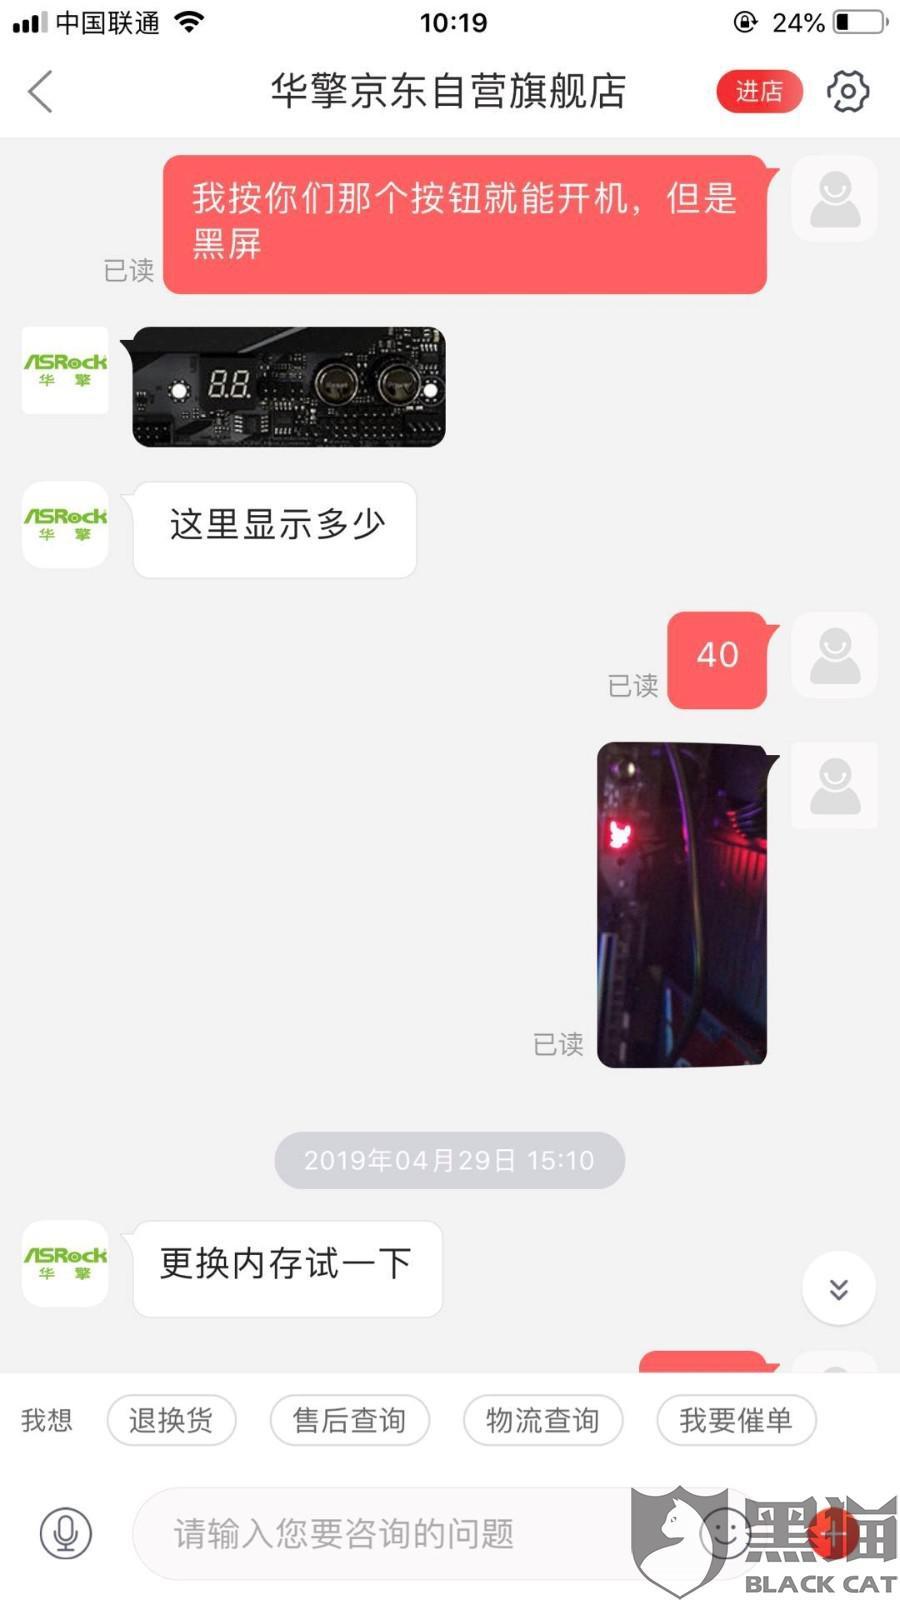 黑猫投诉:在京东买的电脑主板有质量问题,,拒绝退货处理(已解决